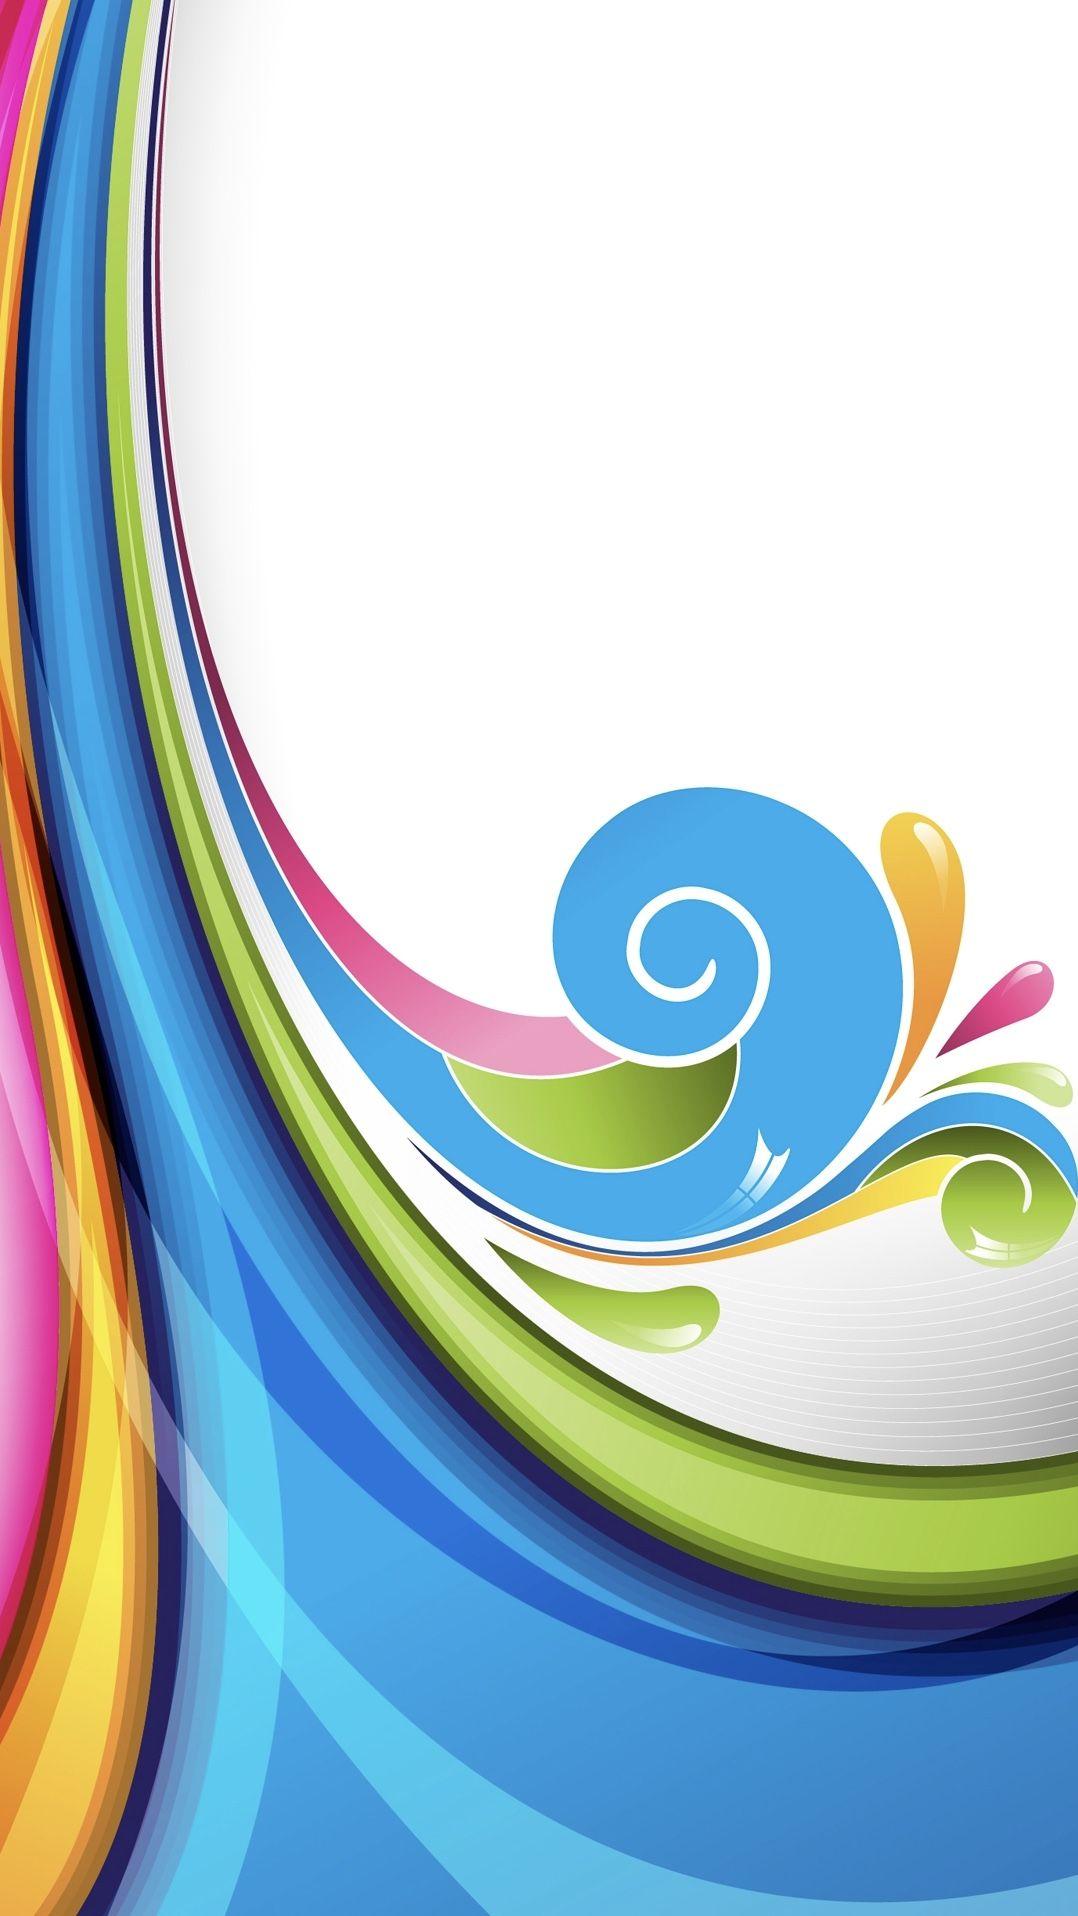 Pin Oleh So Net Di Hd (Dengan Gambar)